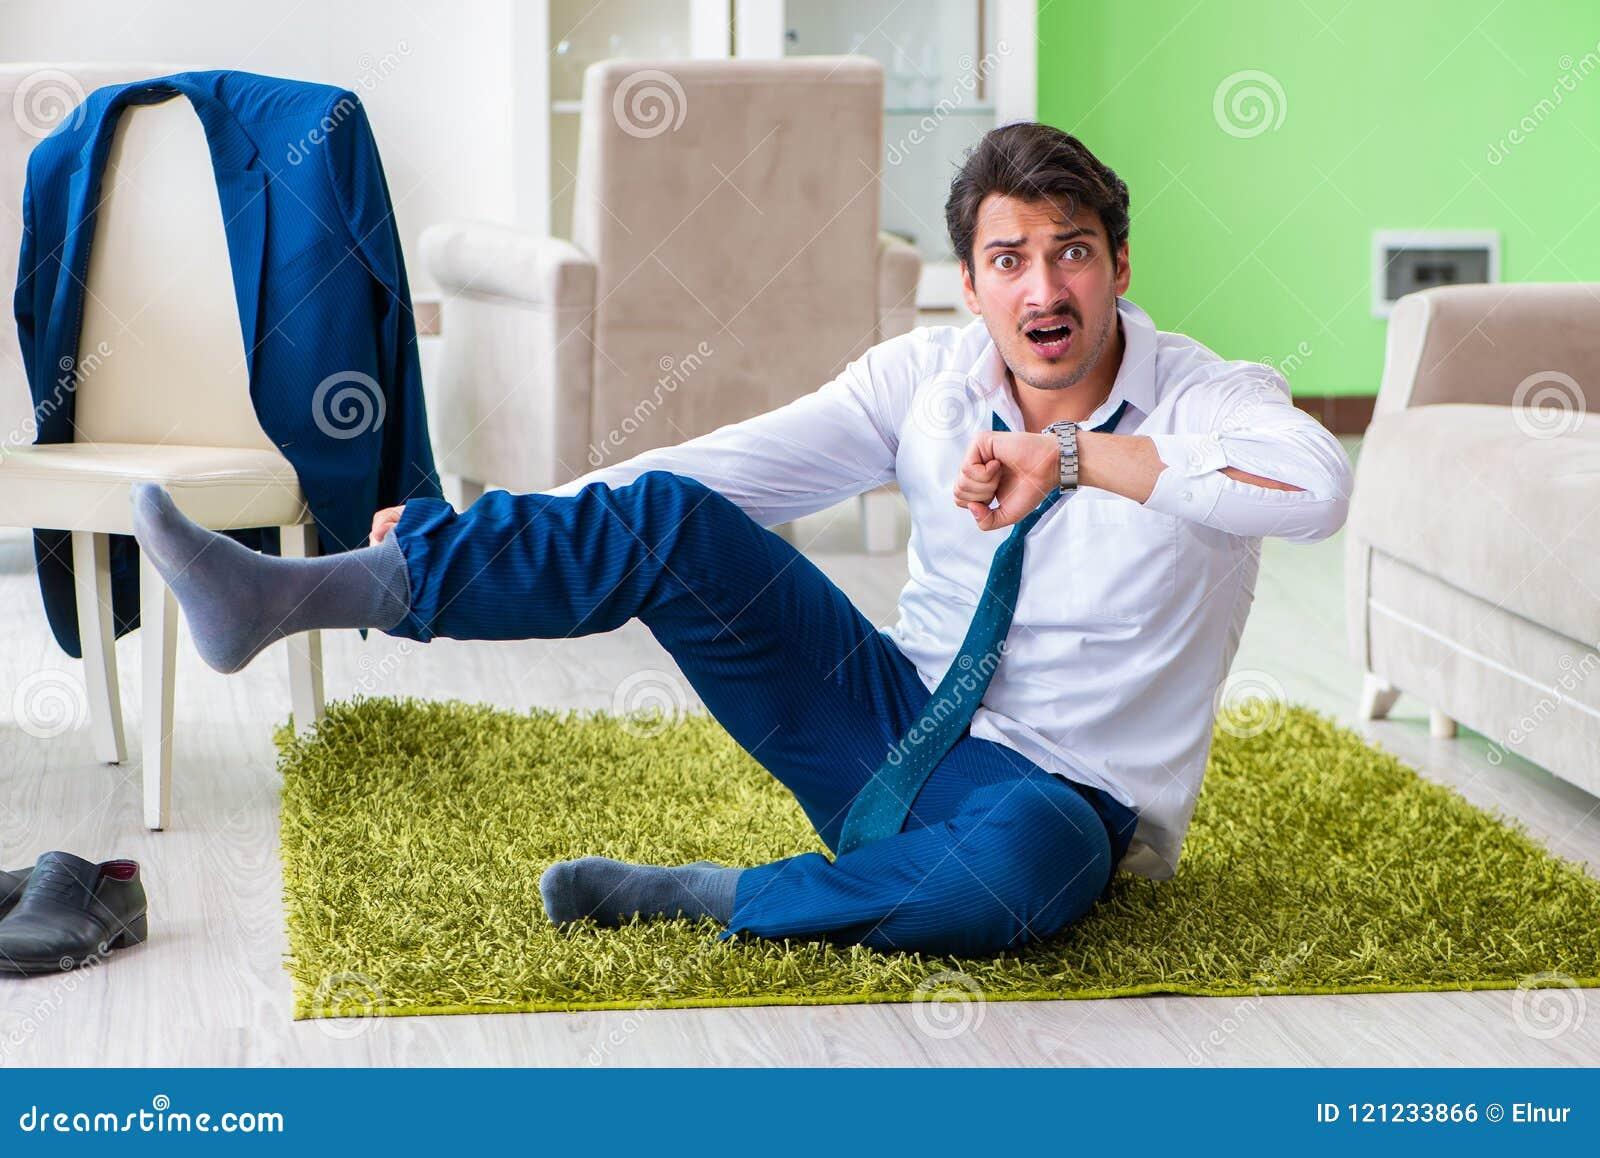 Το άτομο που ντύνει επάνω και αργά για την εργασία